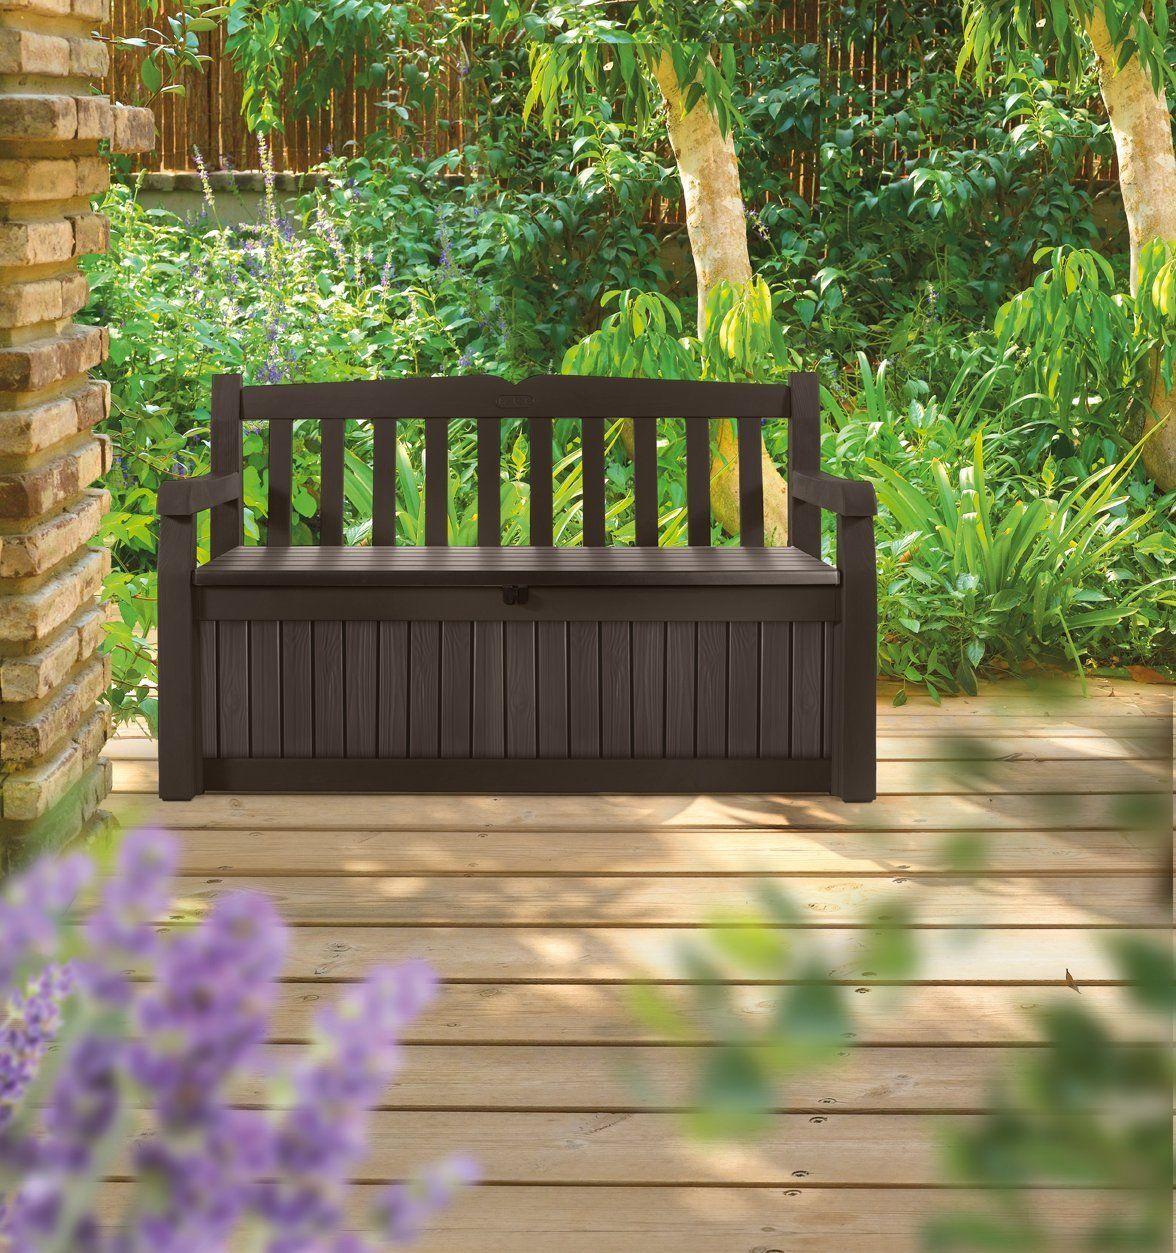 W x D yorten Garden Arbor Rose Arch Steel Brown 6 3 x 10 6